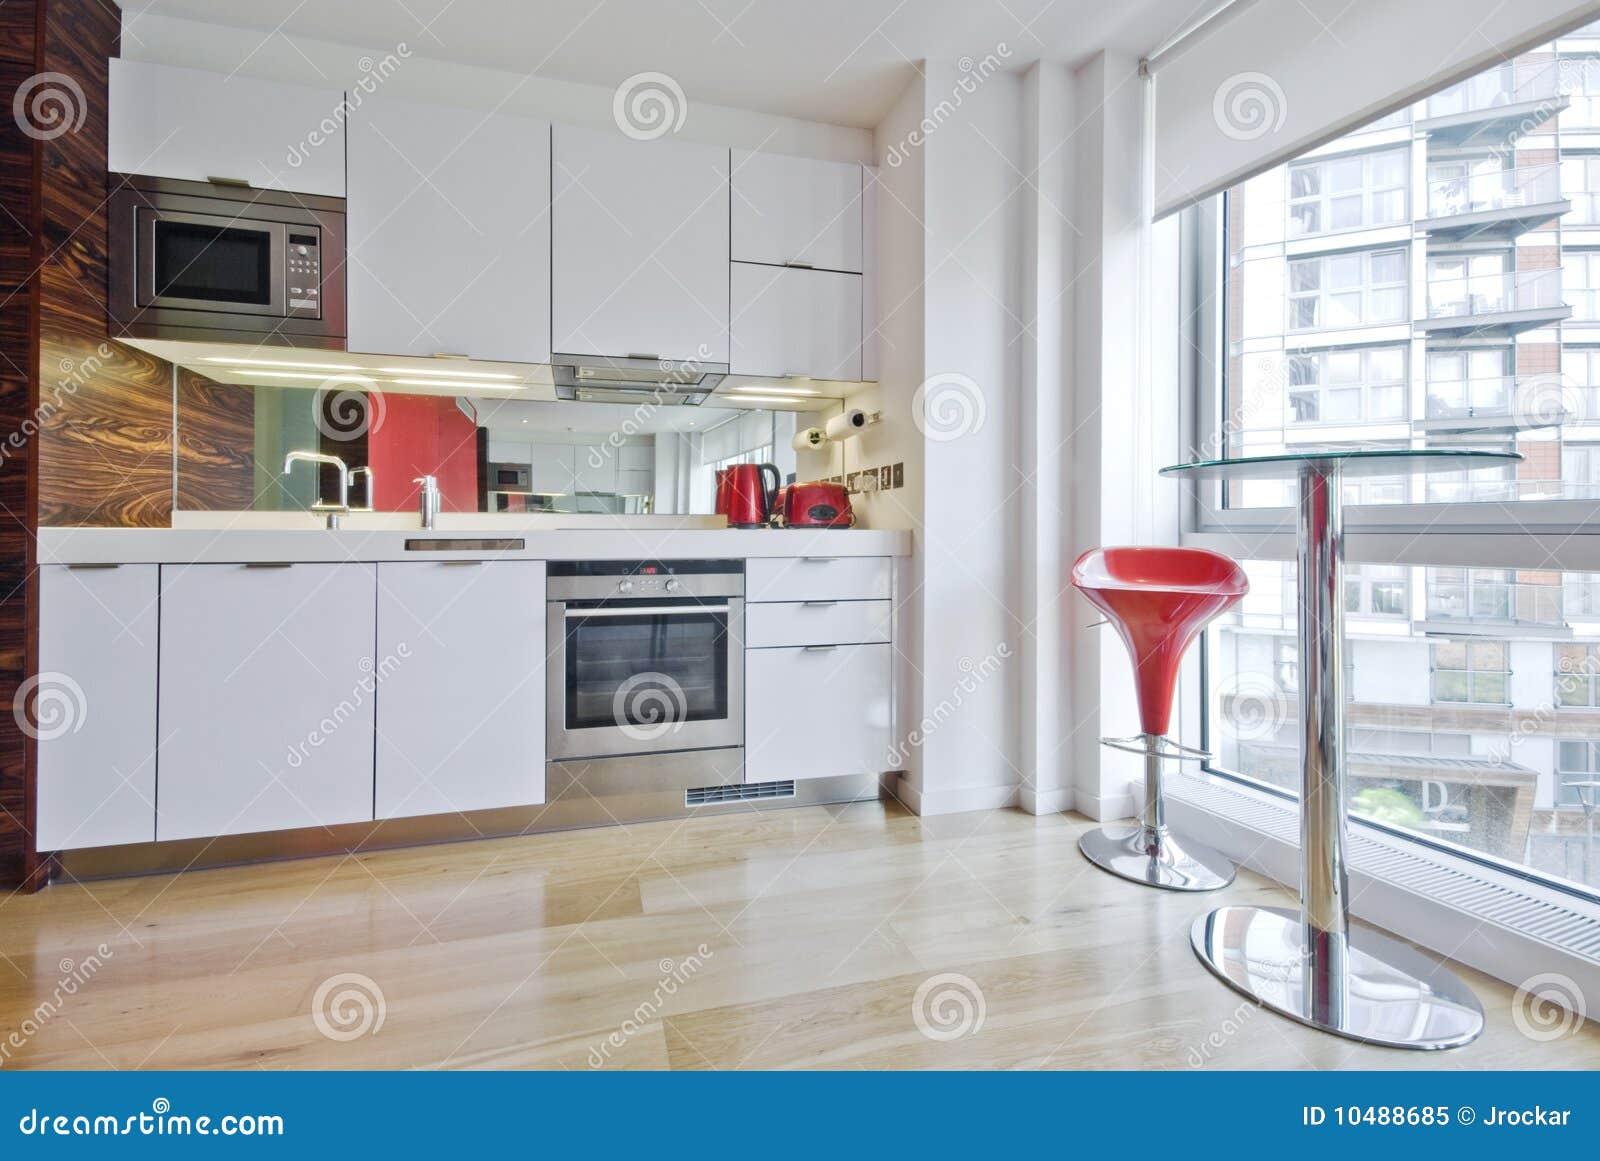 Wunderbar Die Studio Küche Ideen - Ideen Für Die Küche Dekoration ...